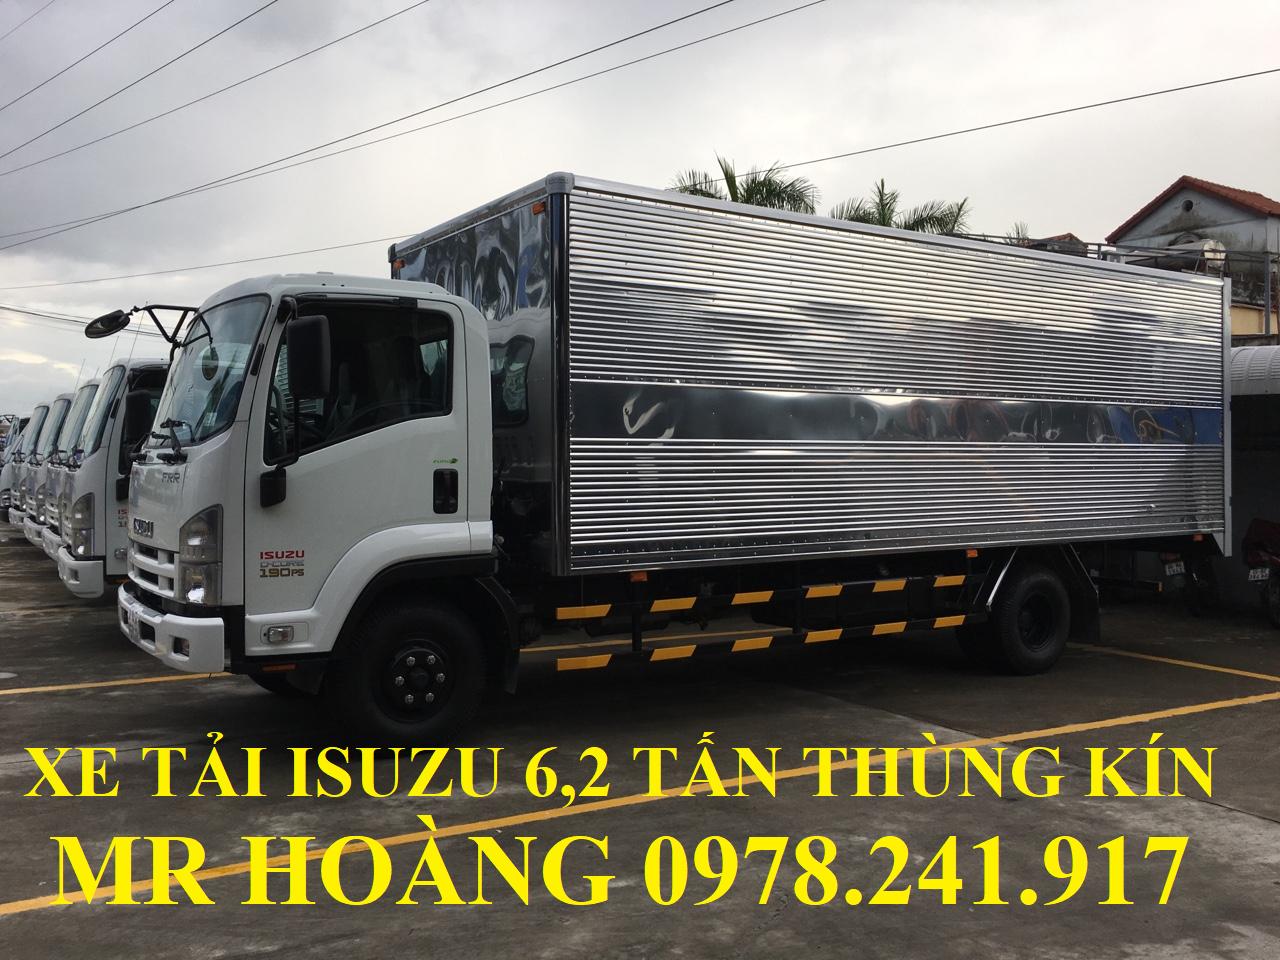 xe tải isuzu 6,2 tấn thùng kín